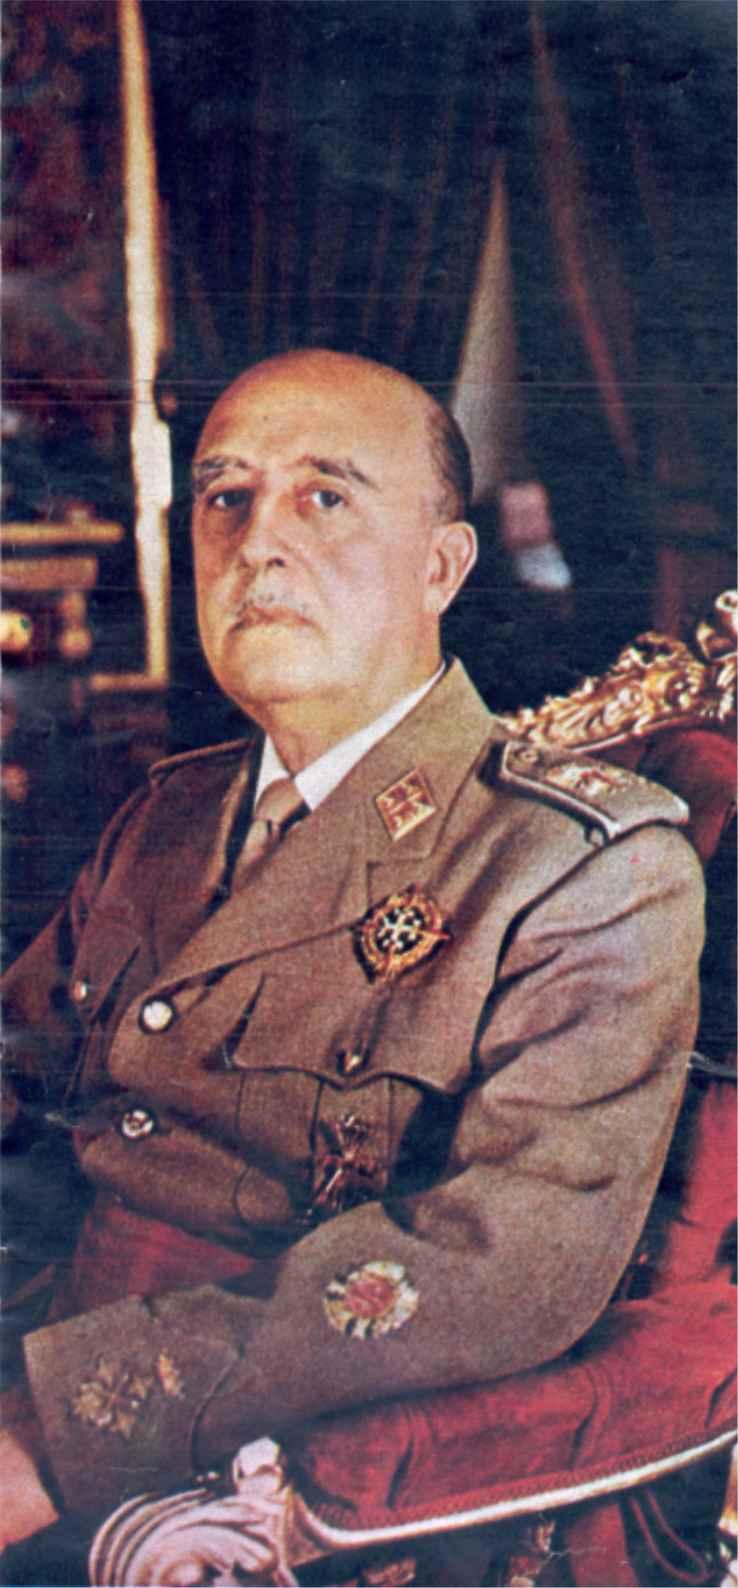 La dictadura franquista (1939-1975) | Historia en Comentarios